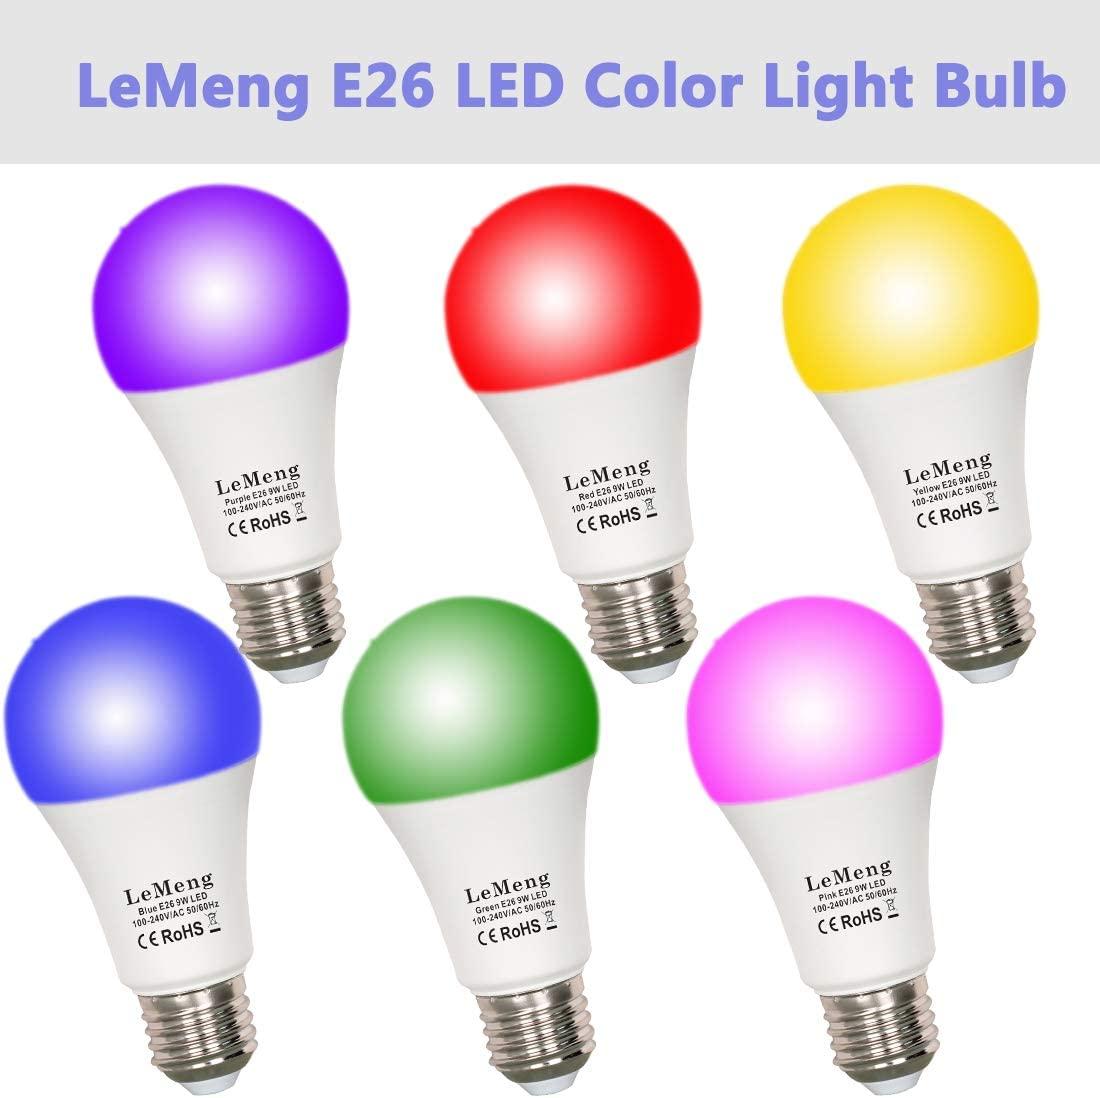 LeMeng LED Black Light Bulbs 5